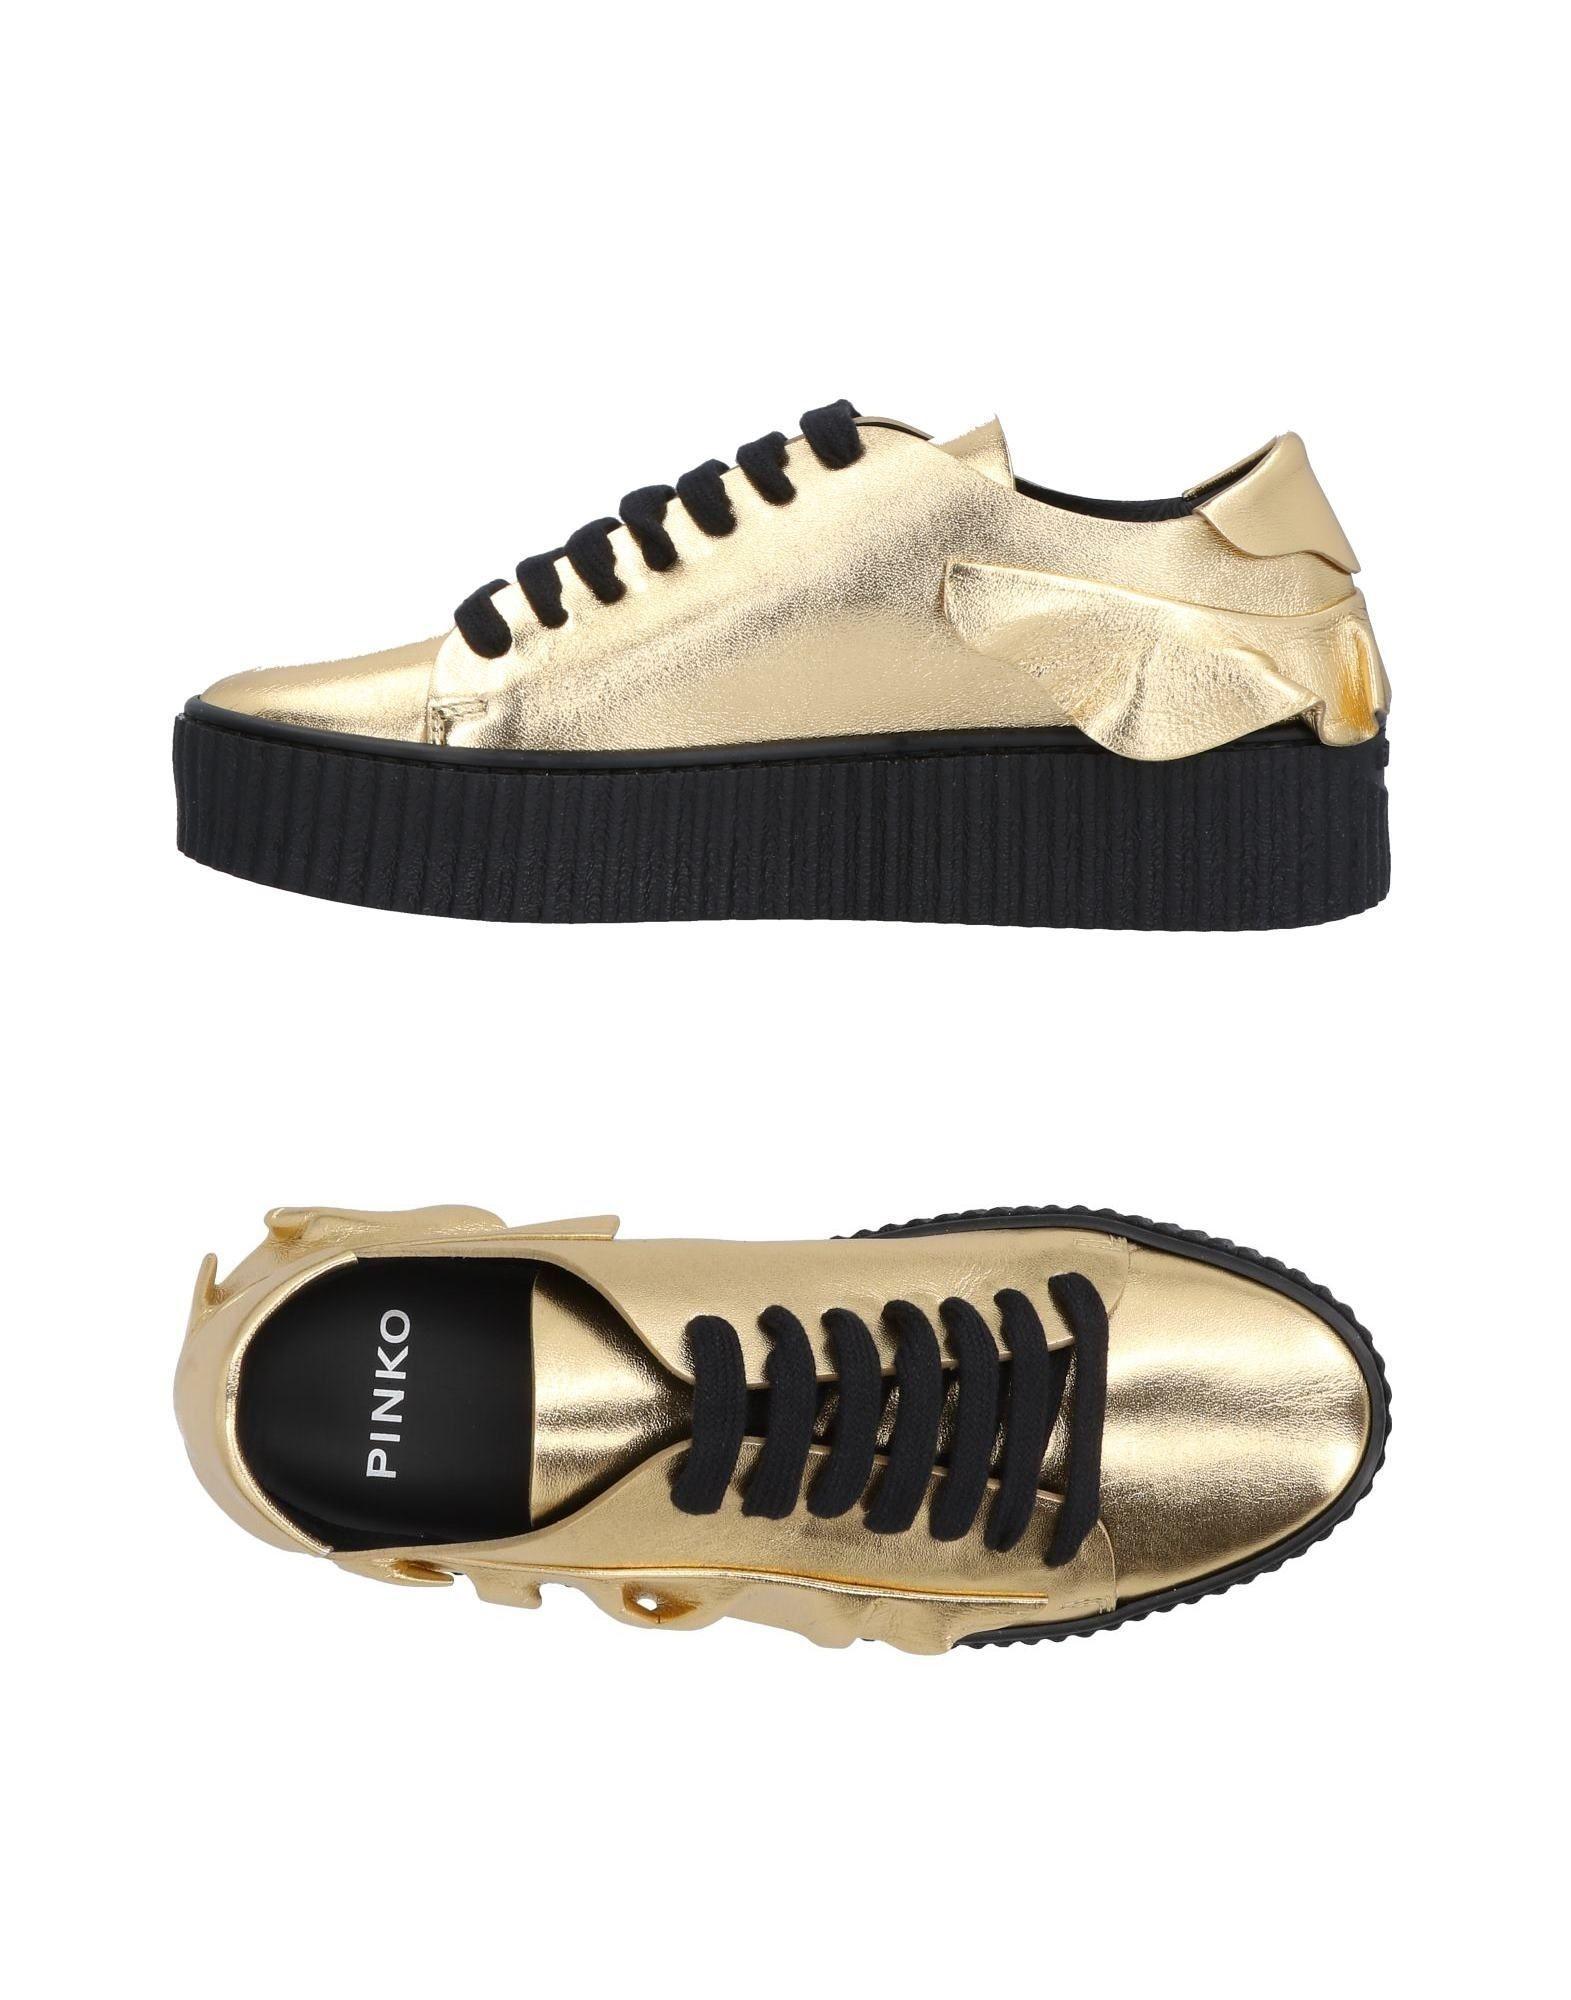 Pinko Gold Leather Ruffle Sneakers